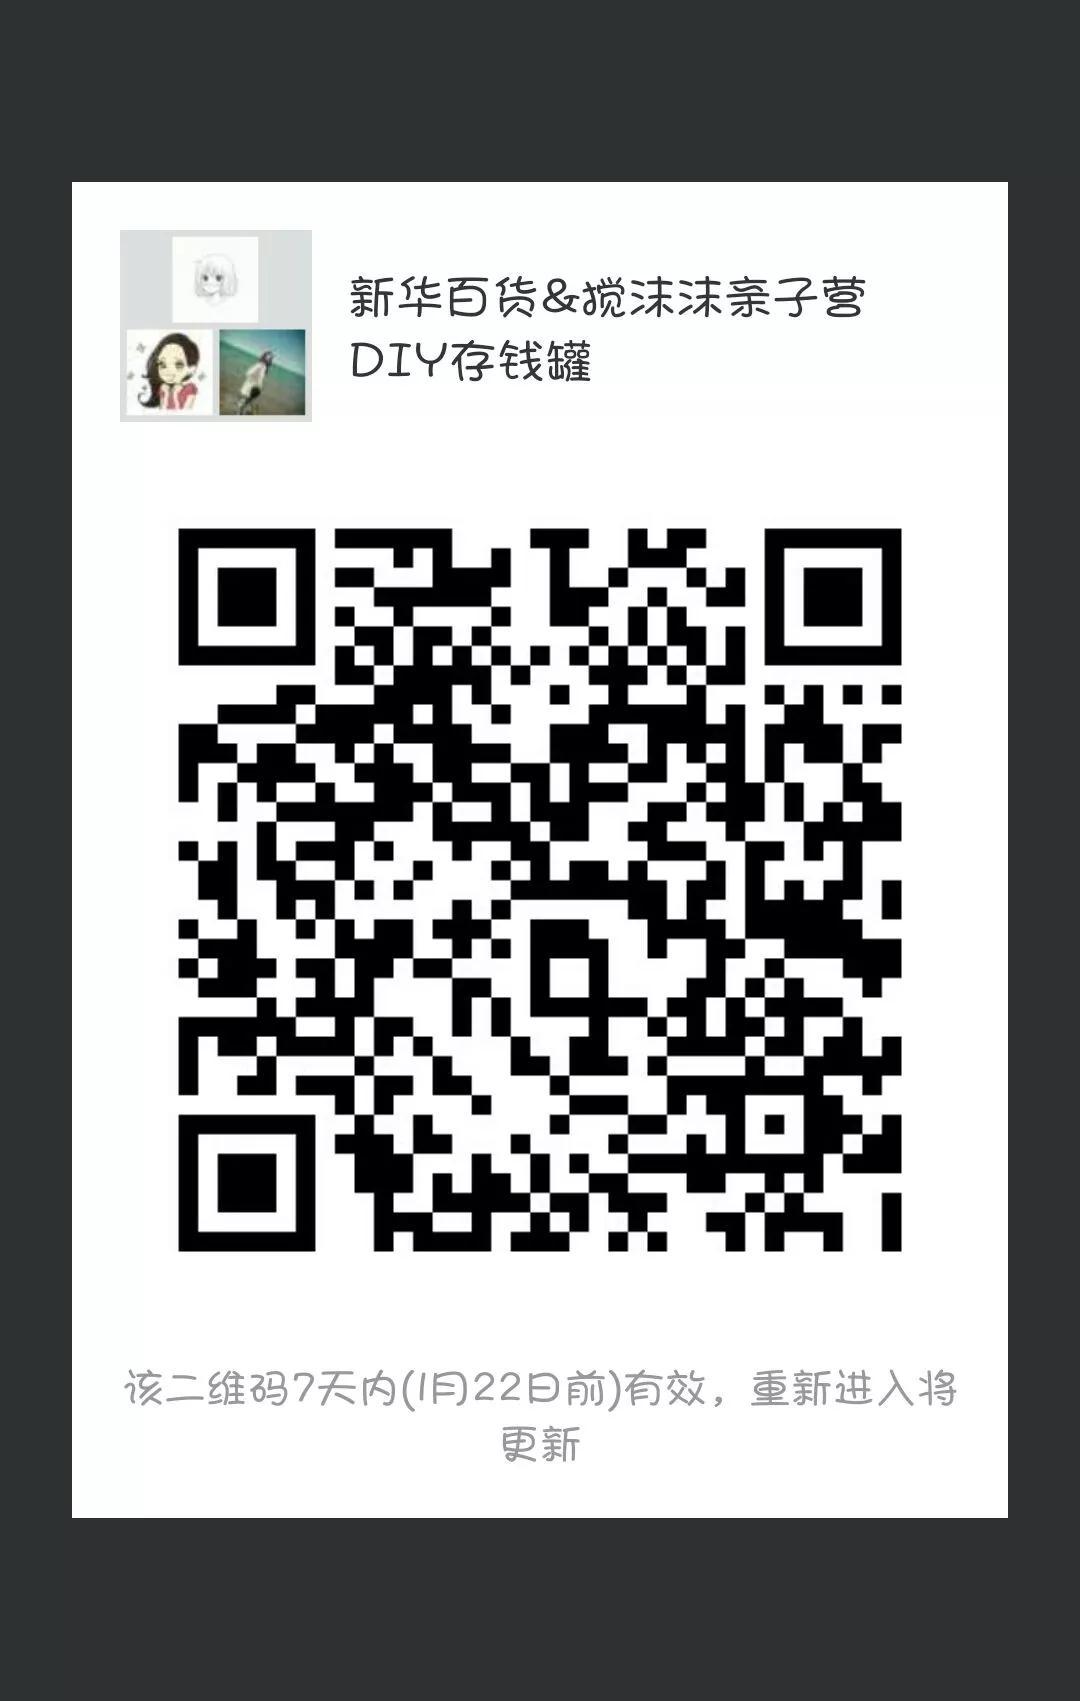 微信图片_20180118230439.jpg